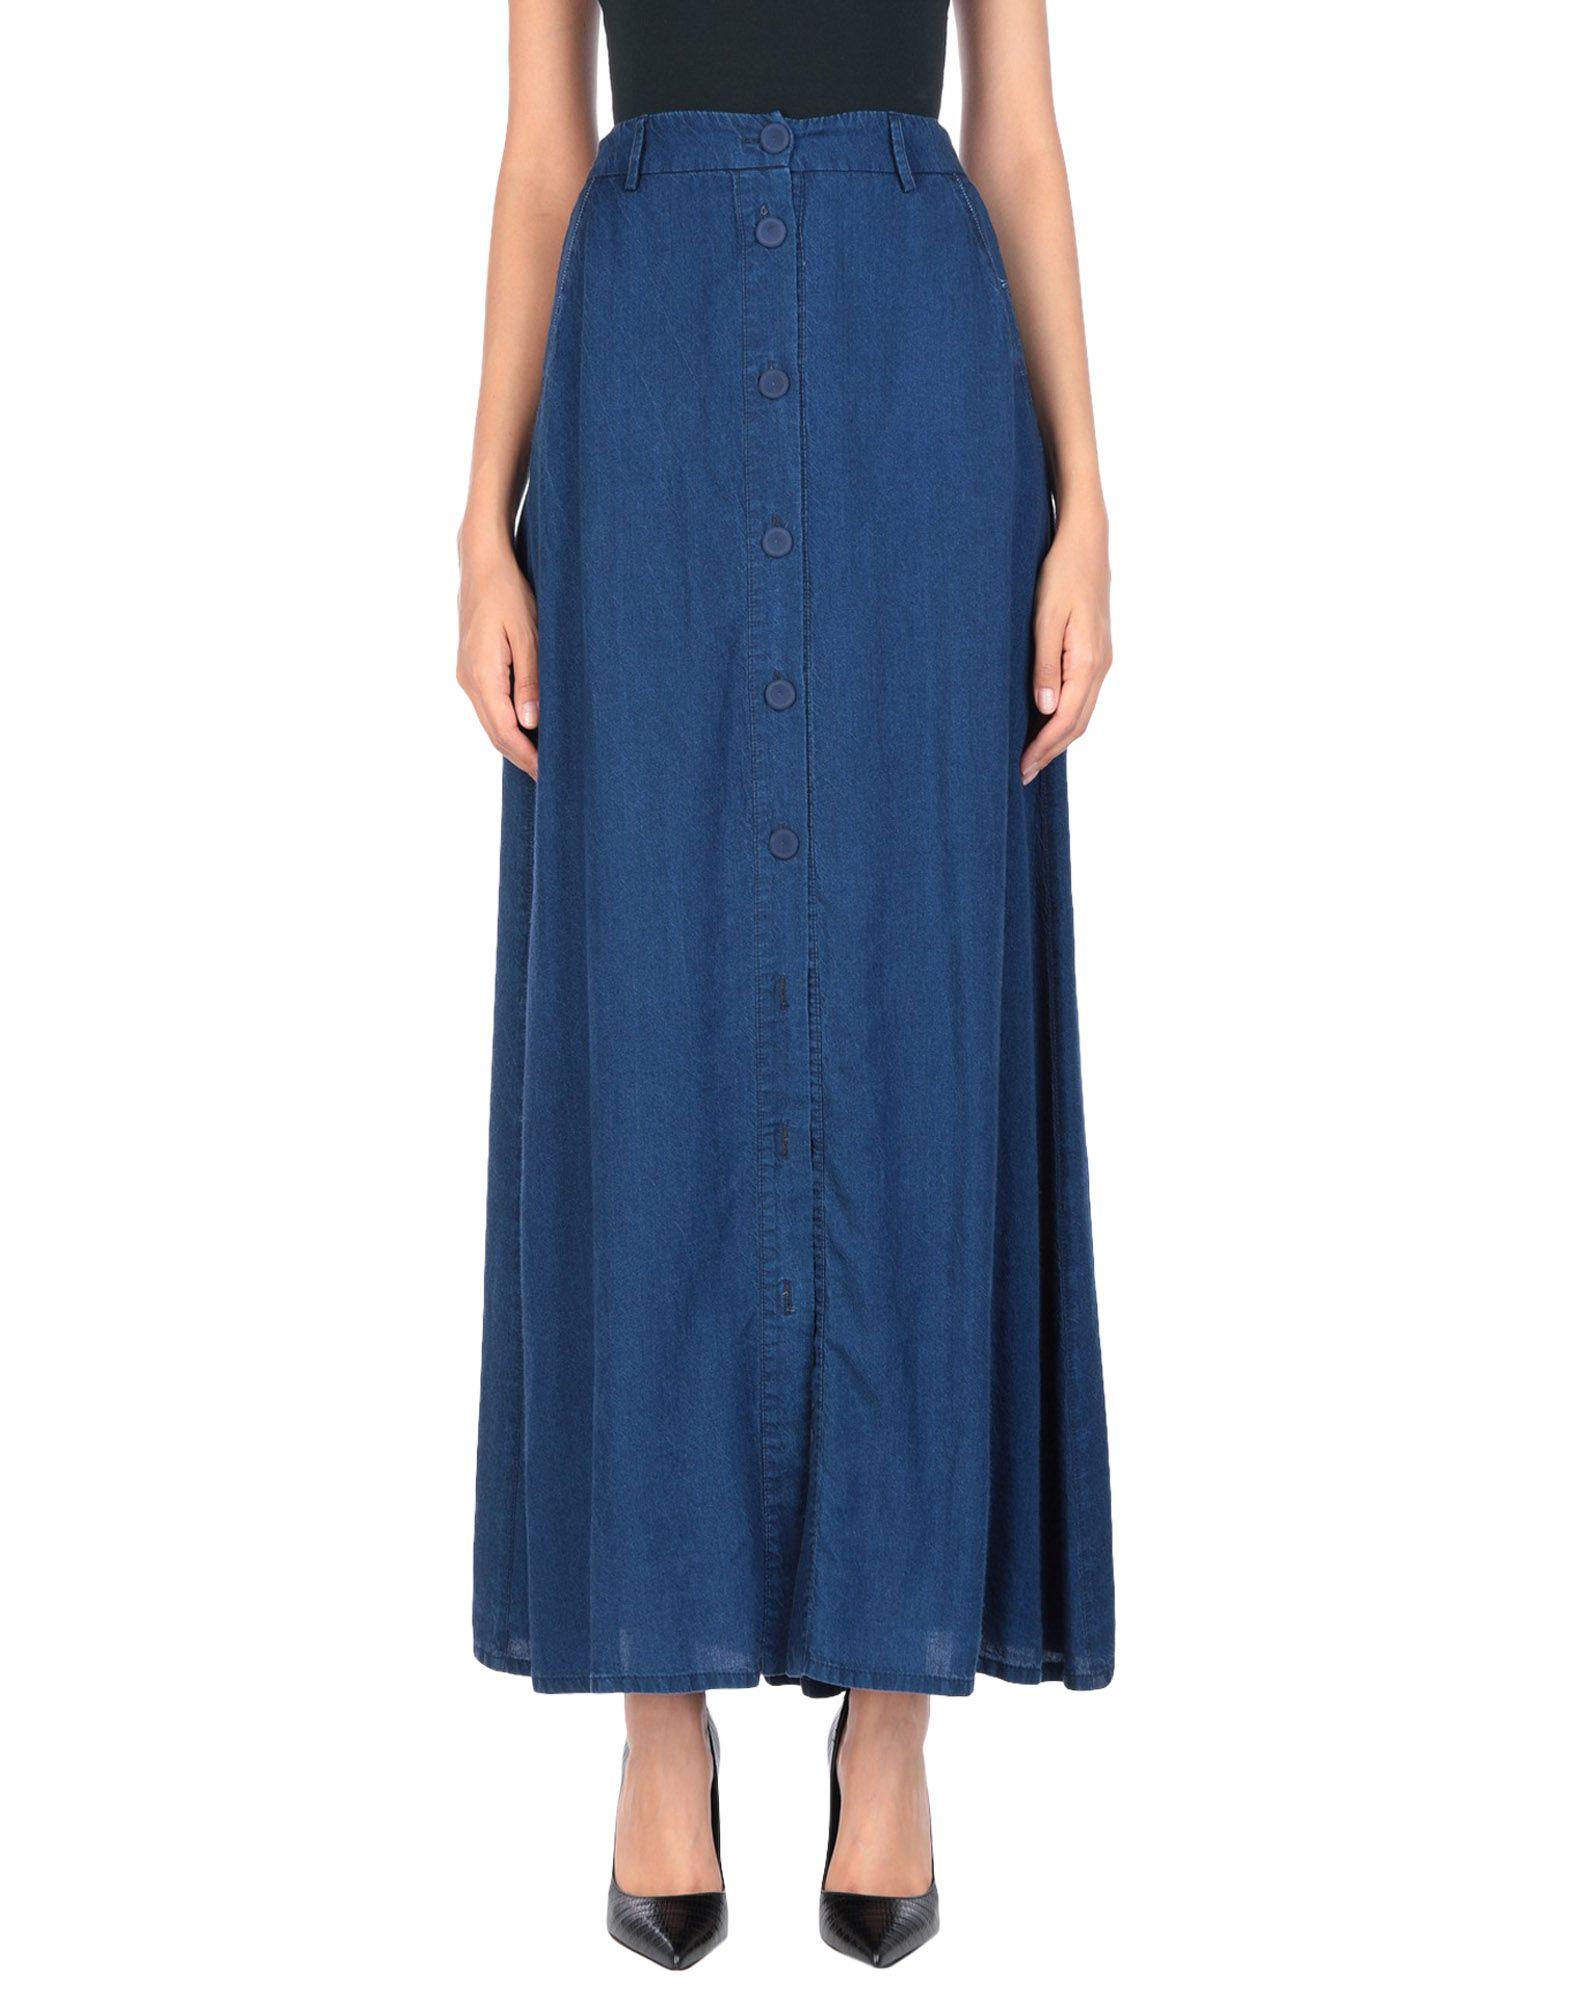 《送料無料》MARANI JEANS レディース デニムスカート ブルー 40 テンセル 100%